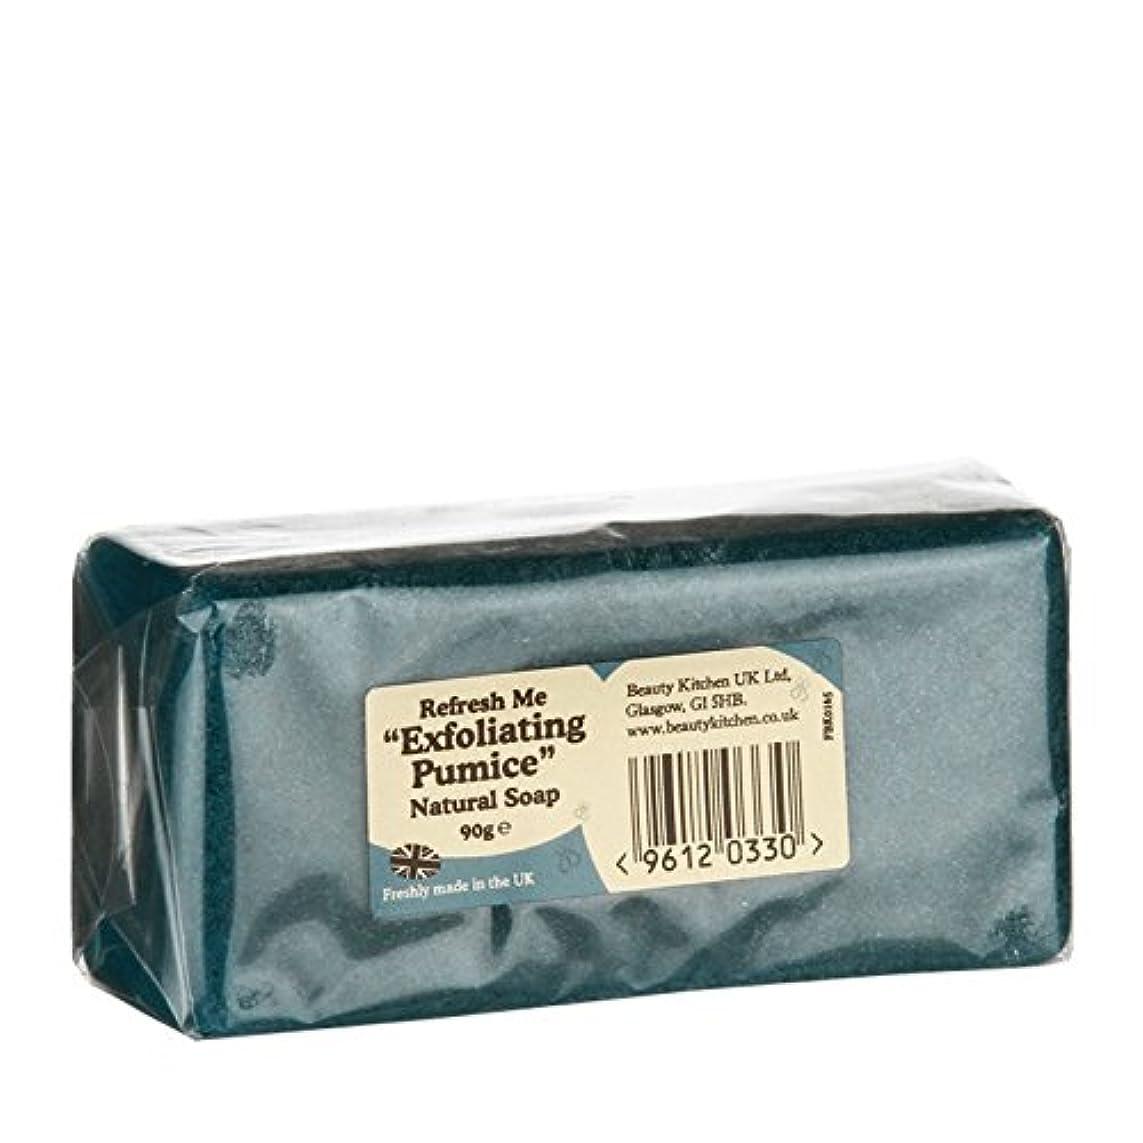 報酬の拮抗するミスペンドBeauty Kitchen Refresh Me Exfoliating Pumice Natural Soap 90g (Pack of 2) - 美しさのキッチンは、軽石の天然石鹸90グラムを剥離私をリフレッシュ...